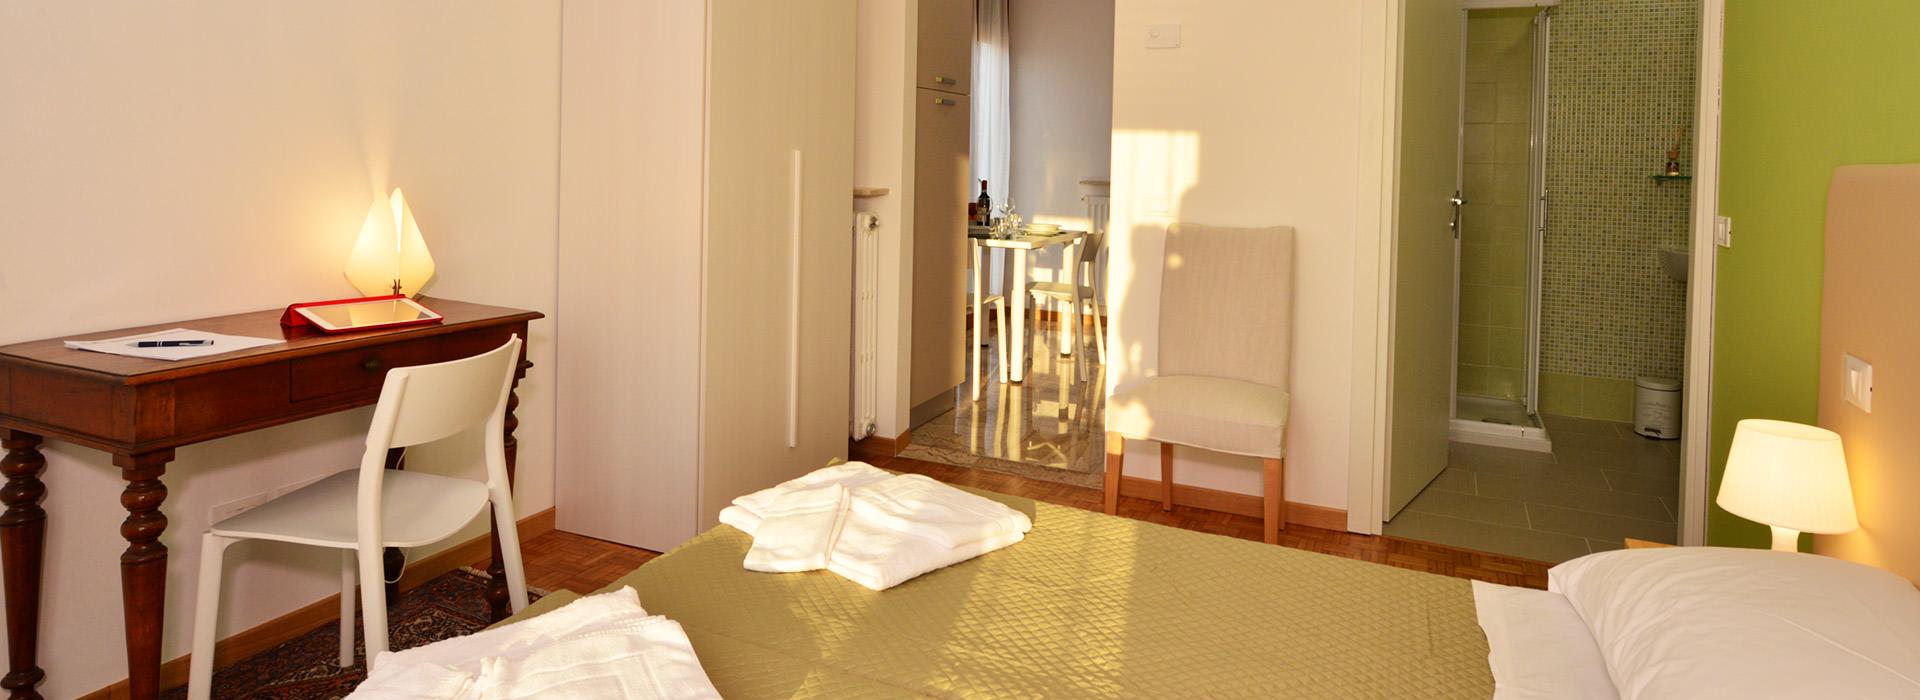 Appartamenti arredati per vacanze, studio e lavoro a Villafranca ...